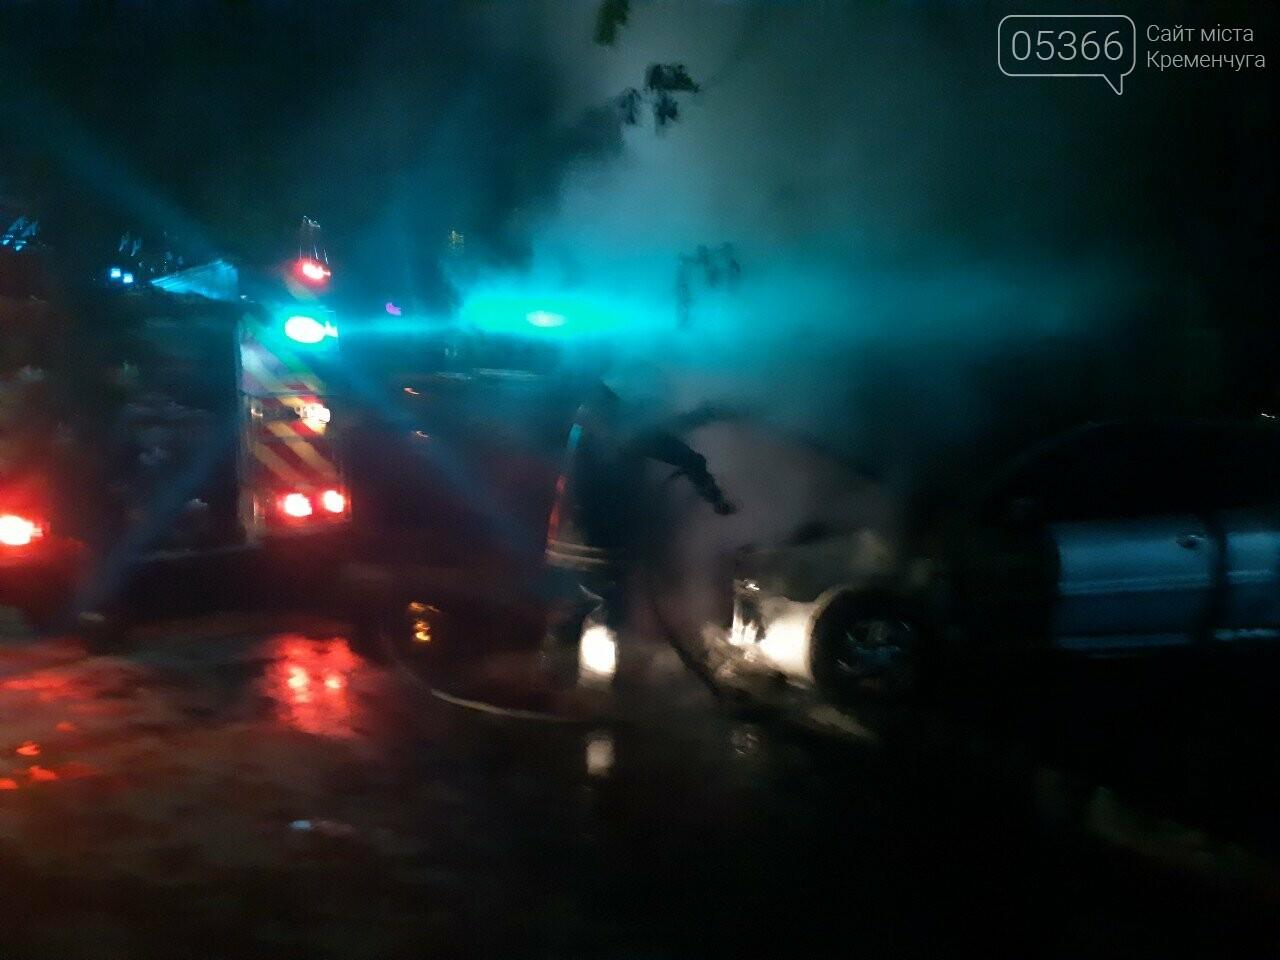 """У Кременчуці горів легковик """"Пежо"""": рятувальники гасили пожежу. Фото, фото-1"""